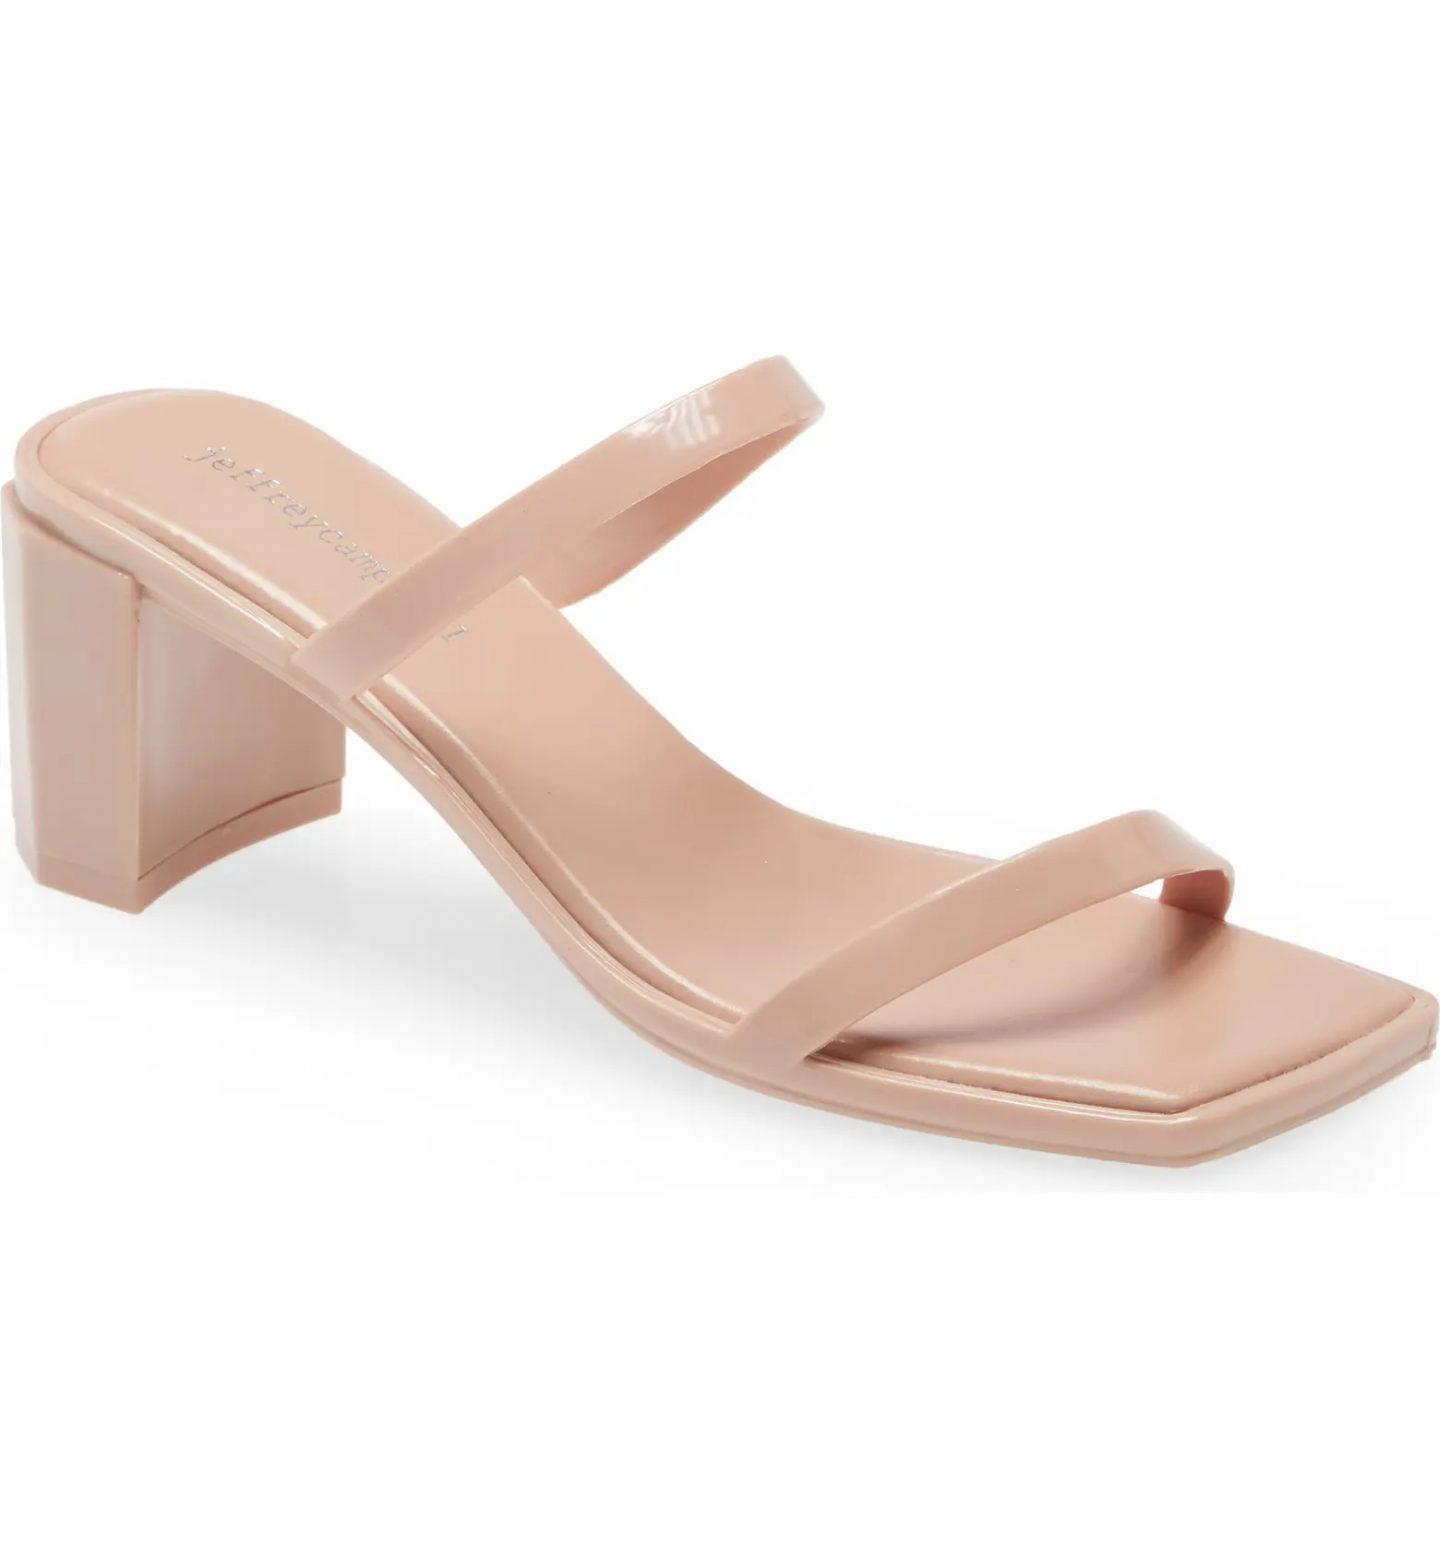 Nude slide sandals